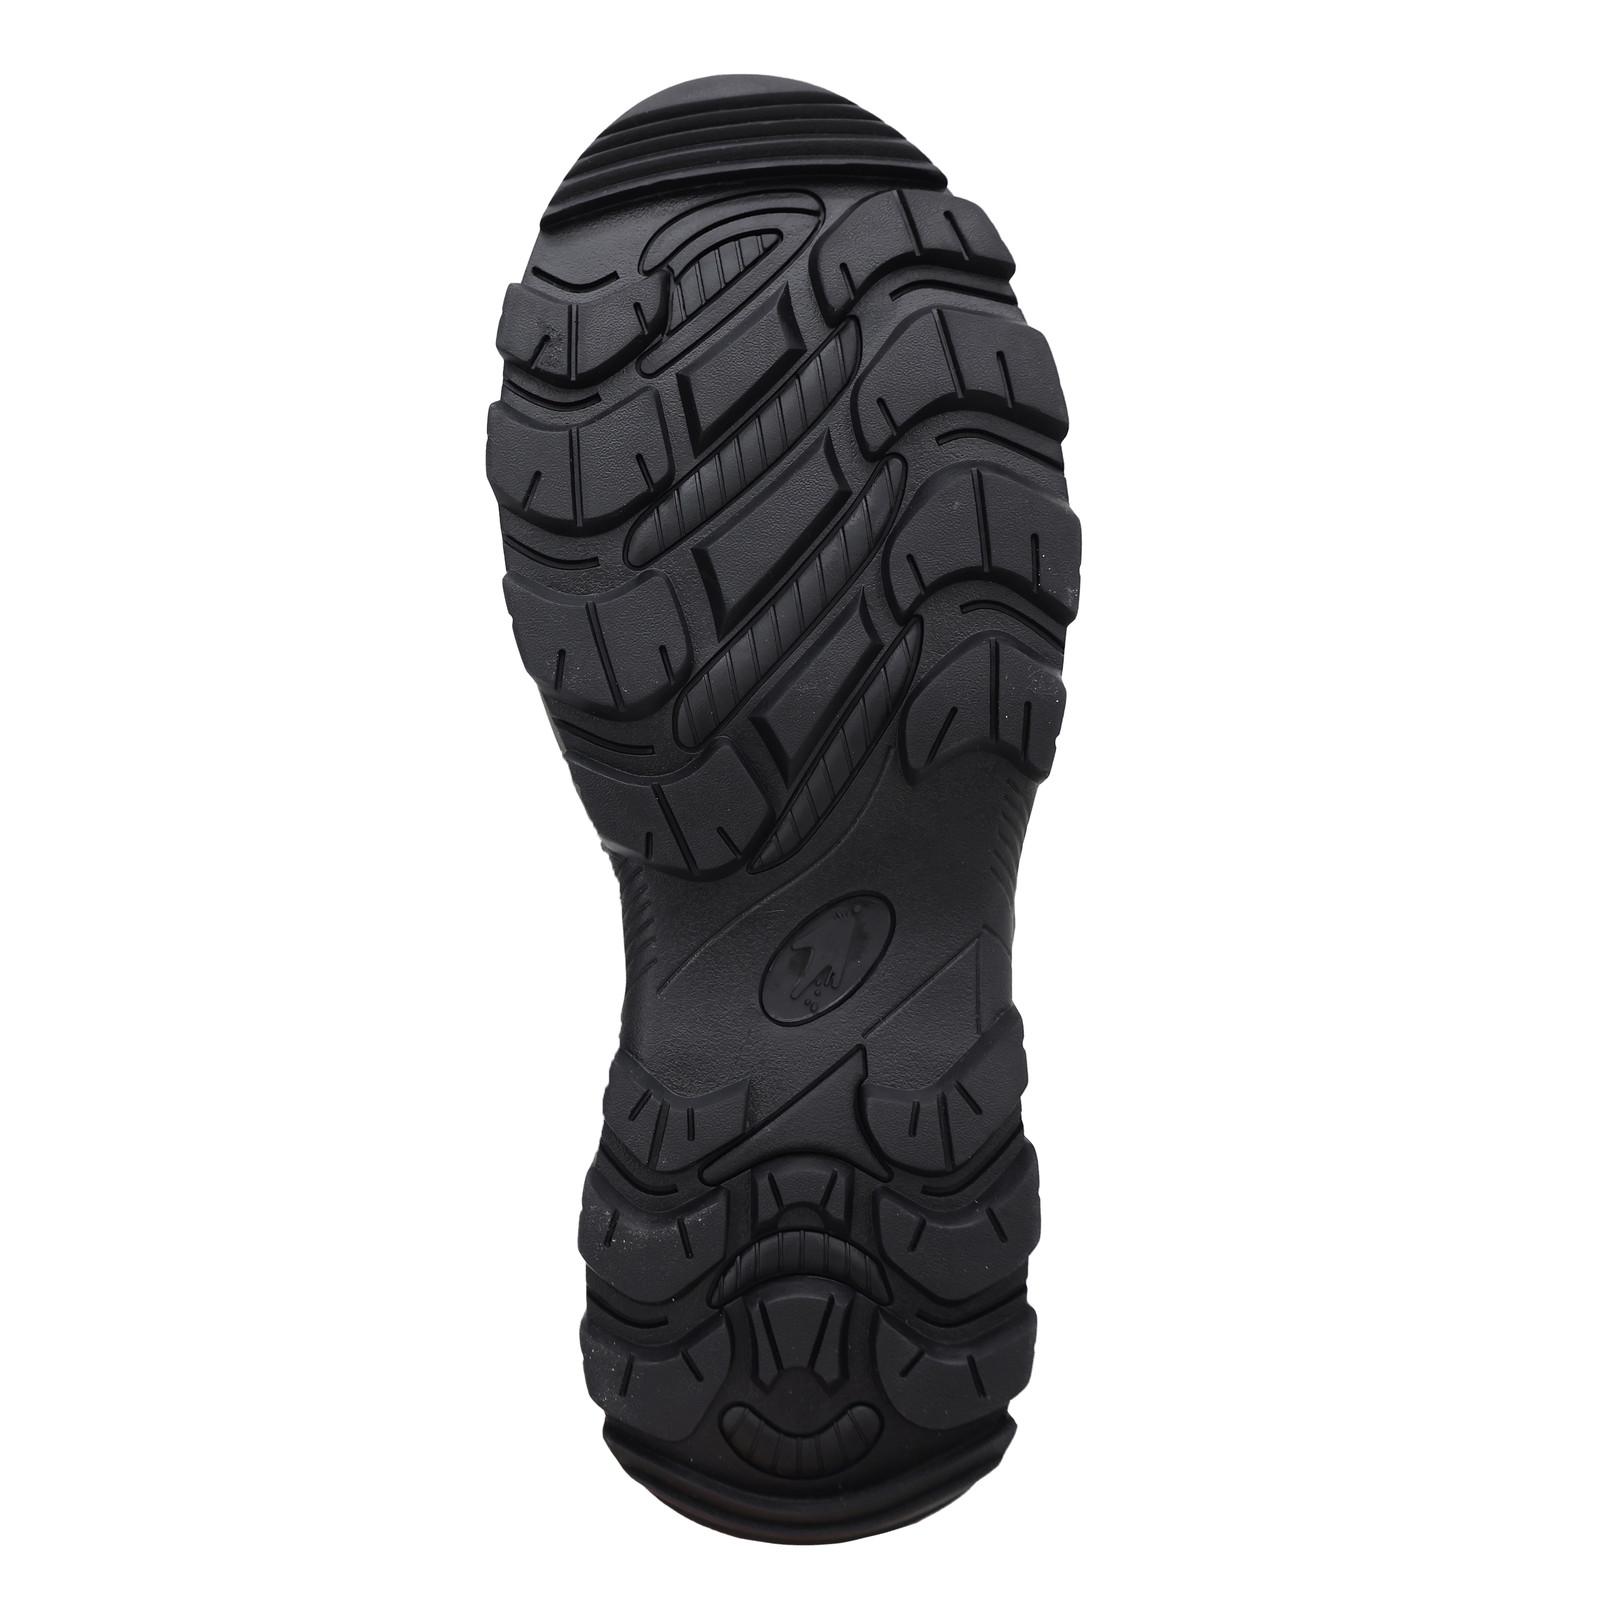 Men's Rana Elite Wading Boots - Lug-large